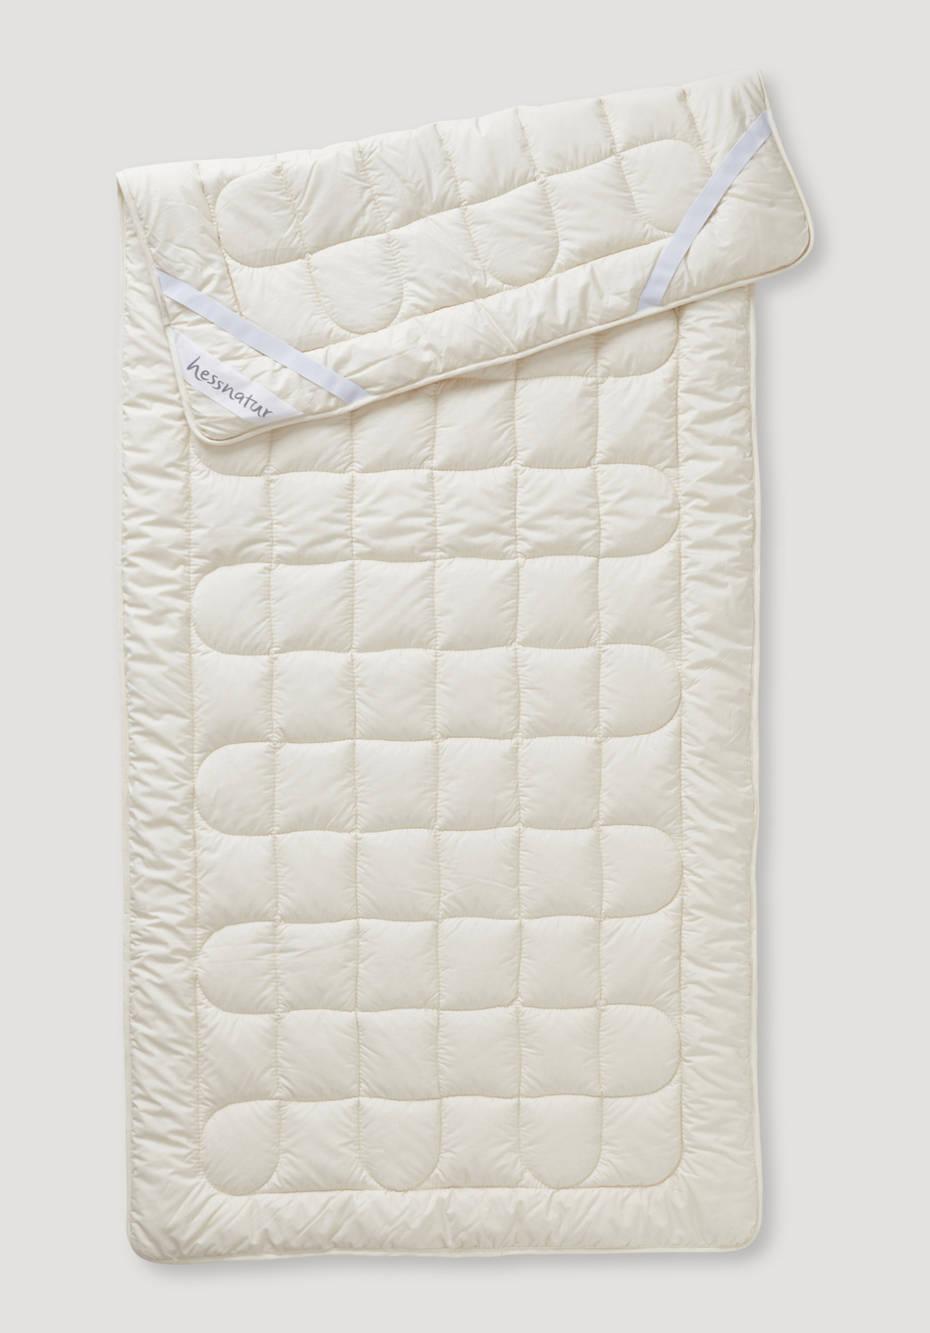 Unterbett Comfort aus reiner Bio-Baumwolle